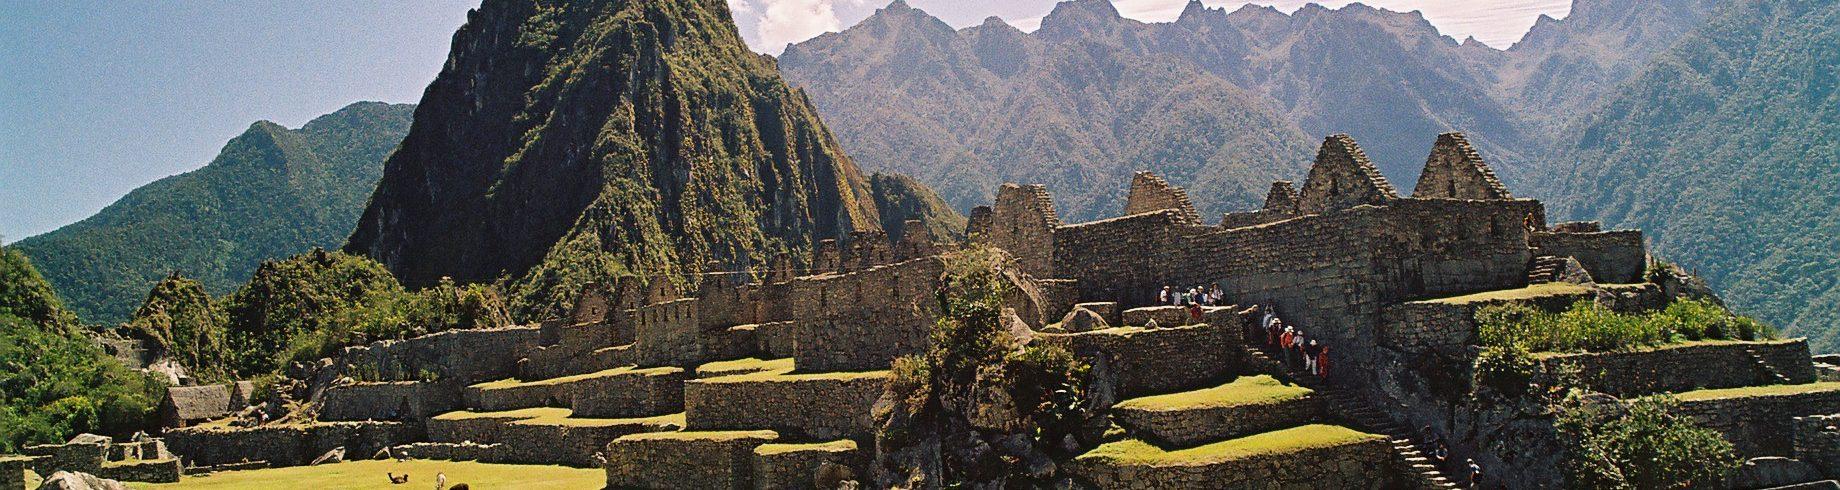 טיול לדרום אמריקה